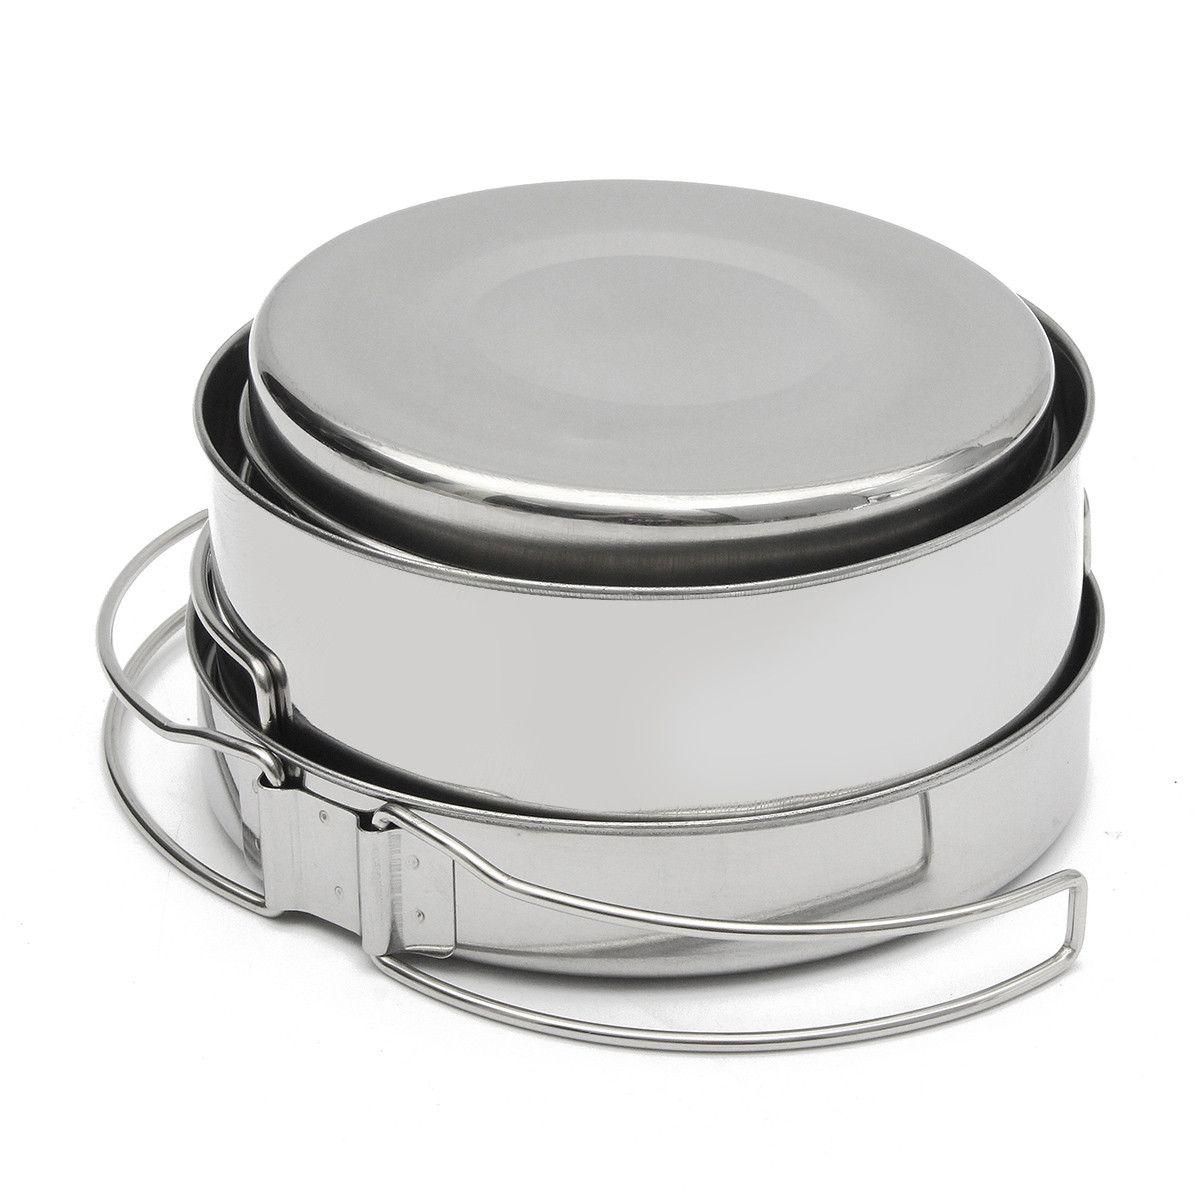 8pcs cocinar al aire libre de picnic barbacoa placa taza olla sartén ...